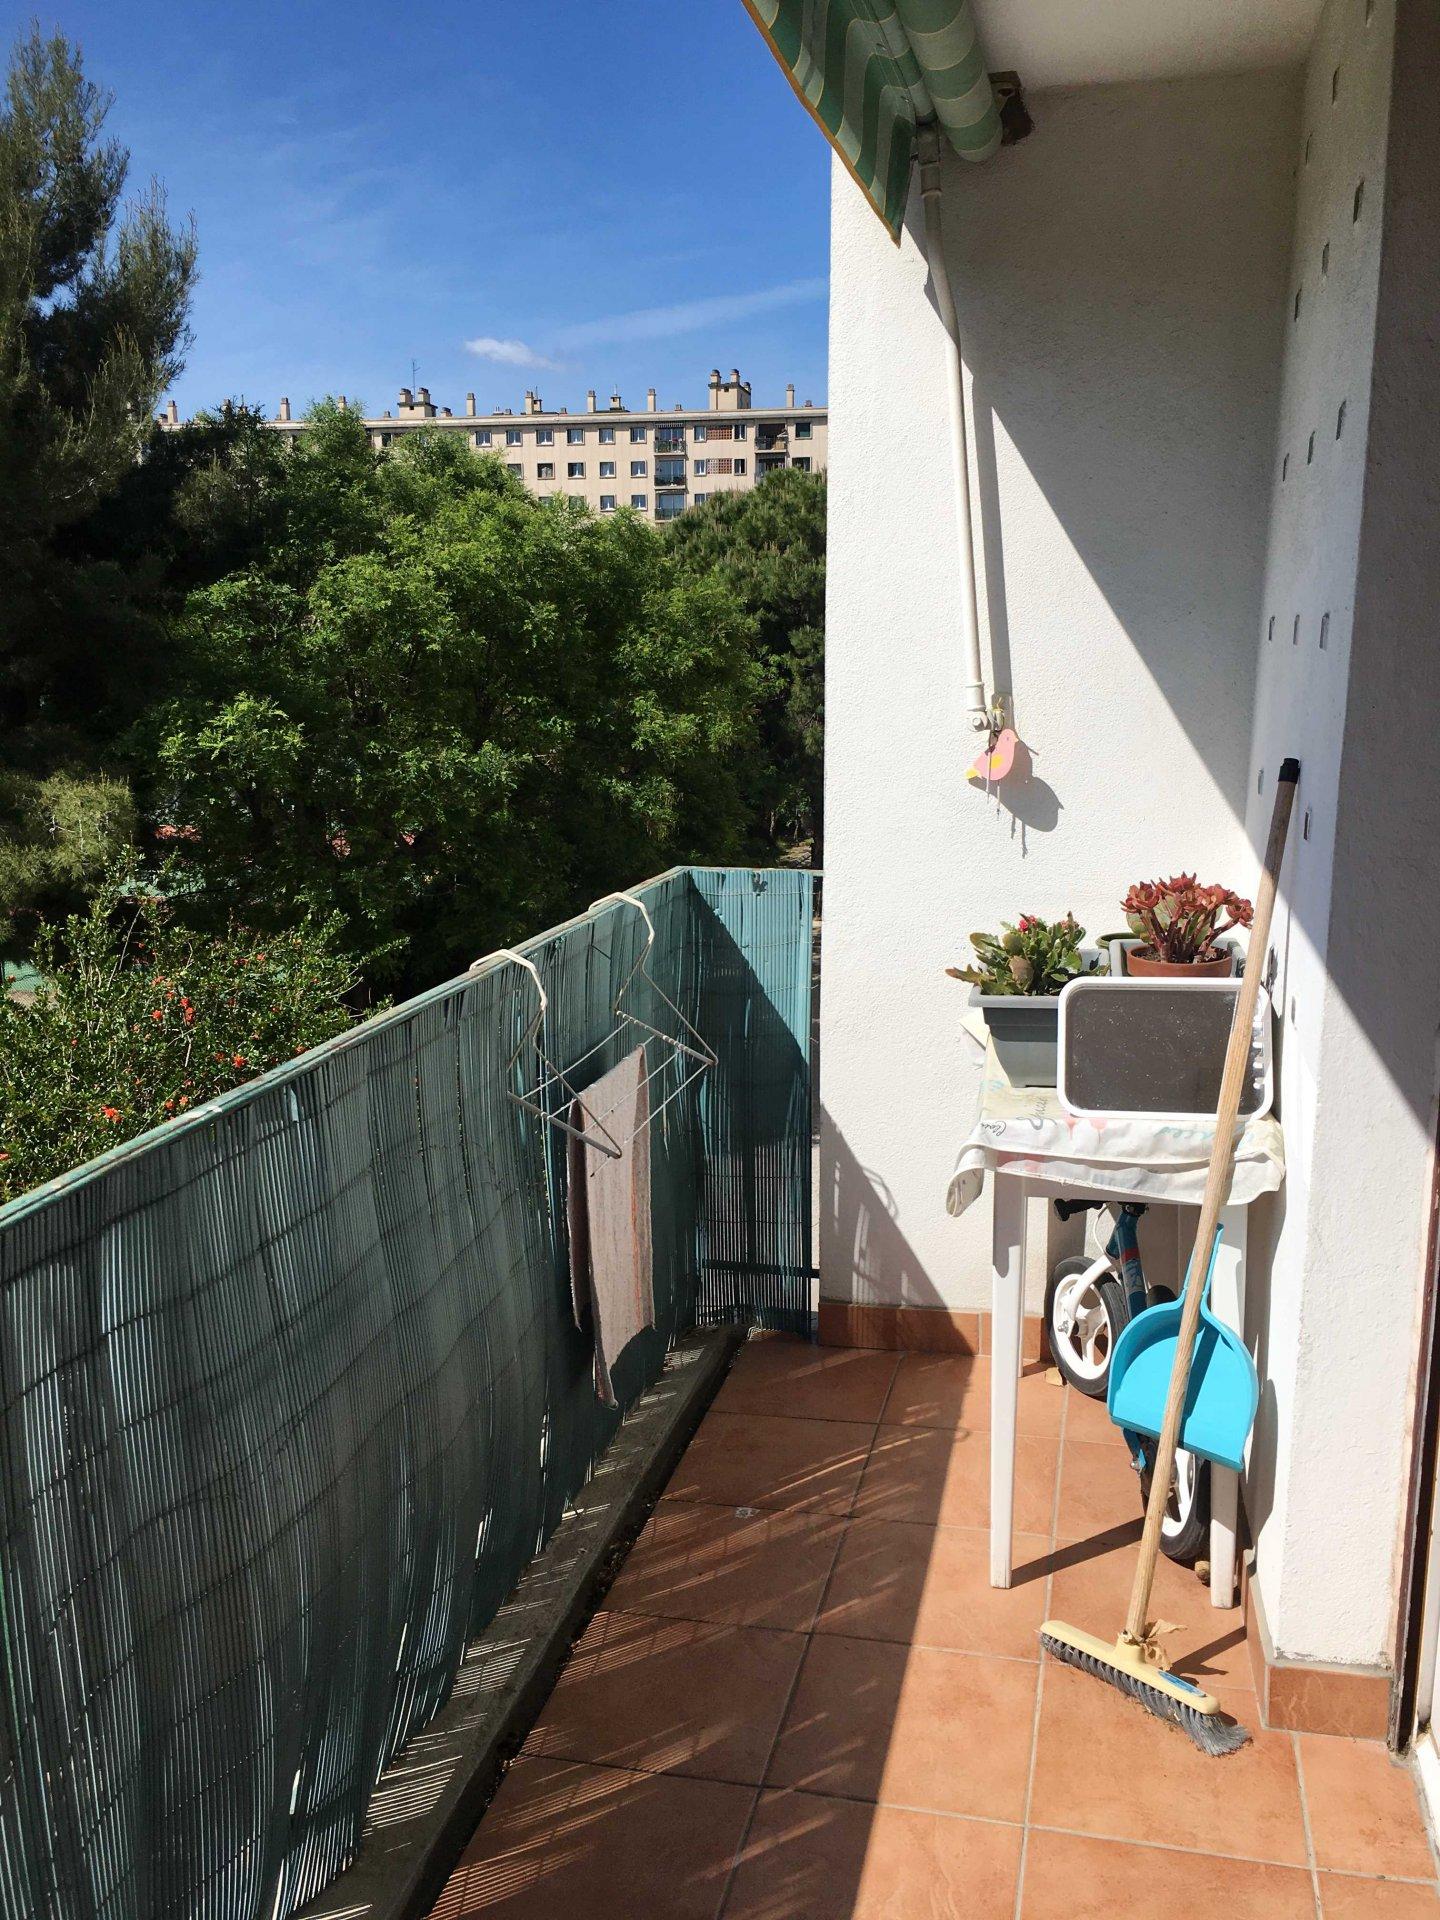 VENDU PAR NOTRE AGENCE Beau T3/4 de 69m2 Traversant lumineux au calme absolu au 2ème étage avec balconquartier Saint Giniez 13008 Marseille